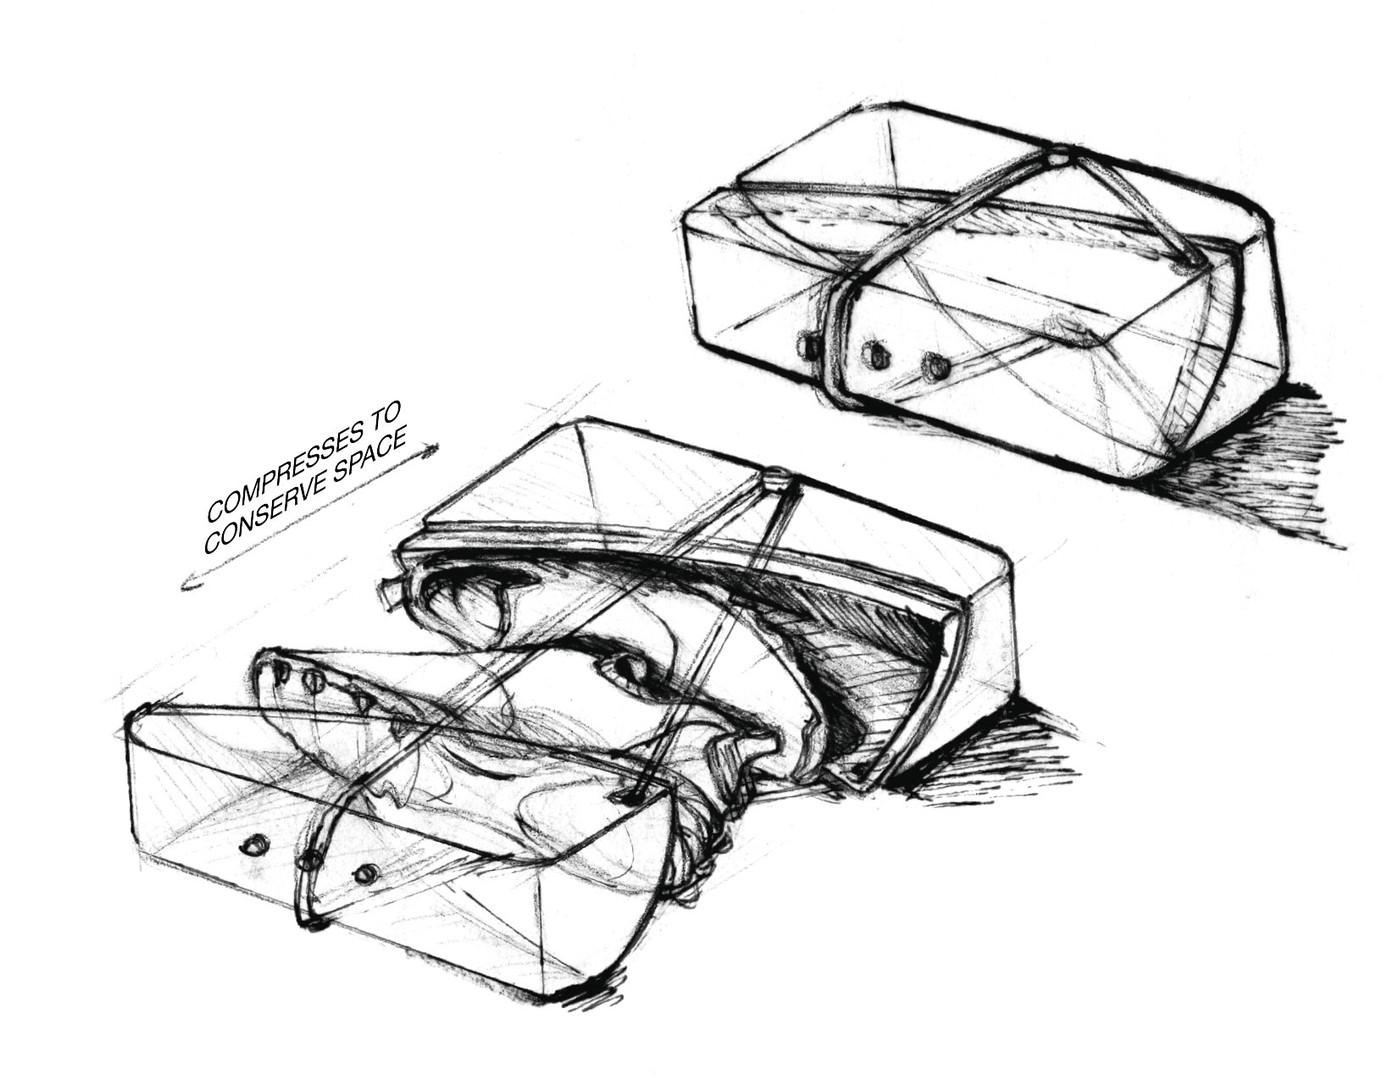 ftwr_pkging_sketches-01-01.jpg